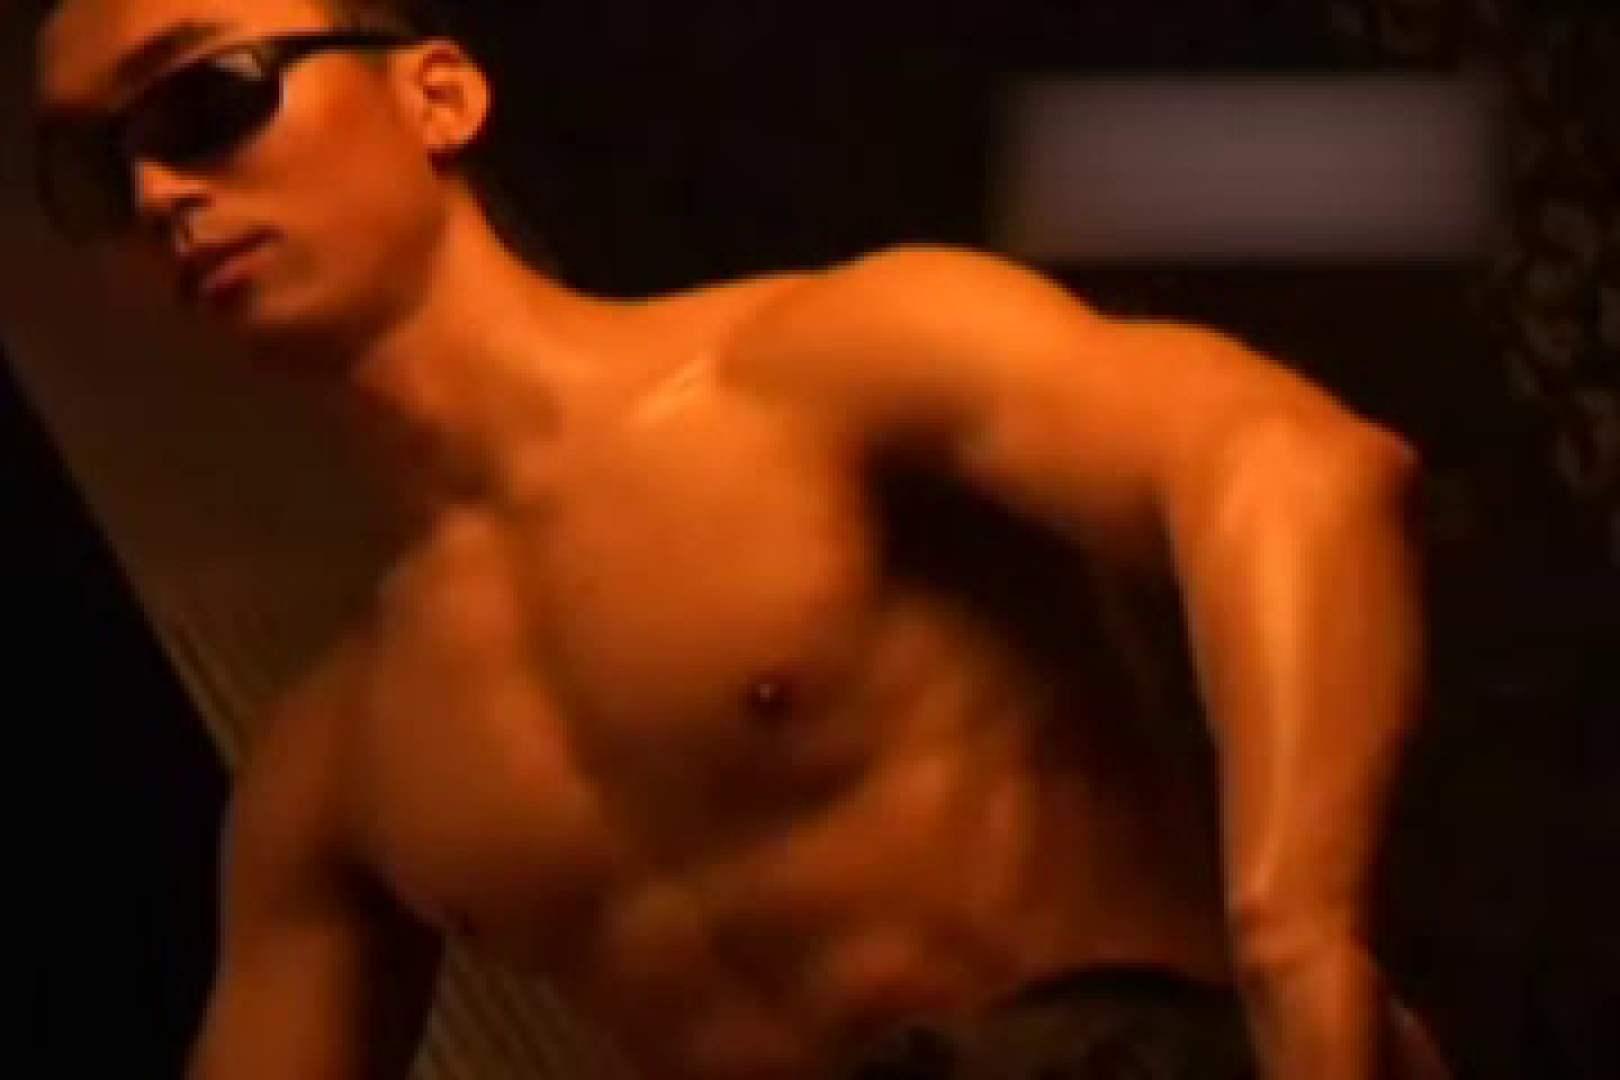 流出!!メンズスーパーモデル達のヌードinChina vol3 ヌード | モデル ゲイ丸見え画像 92枚 86